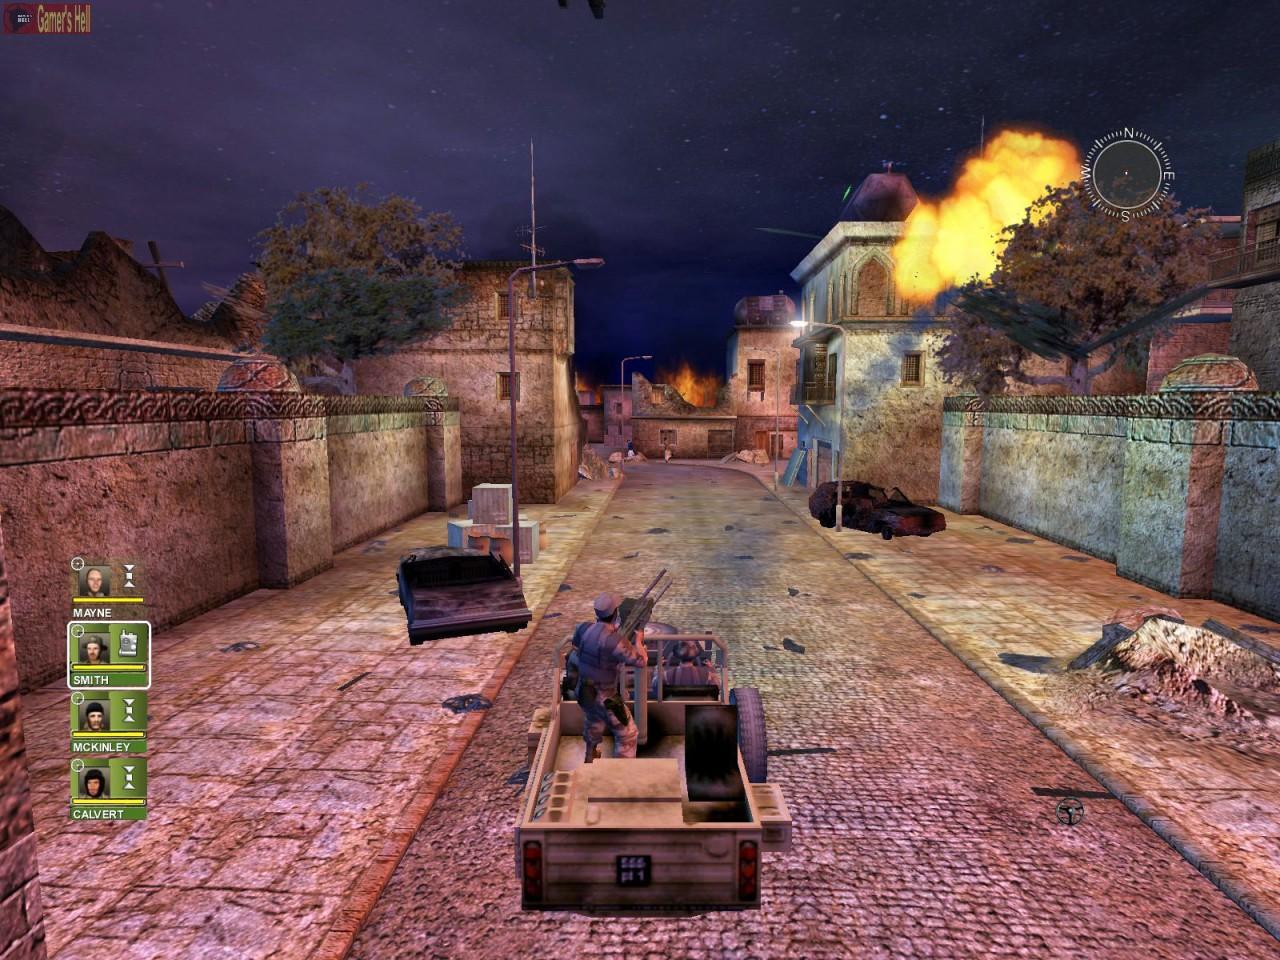 تحميل لعبة desert storm 3 مضغوطة